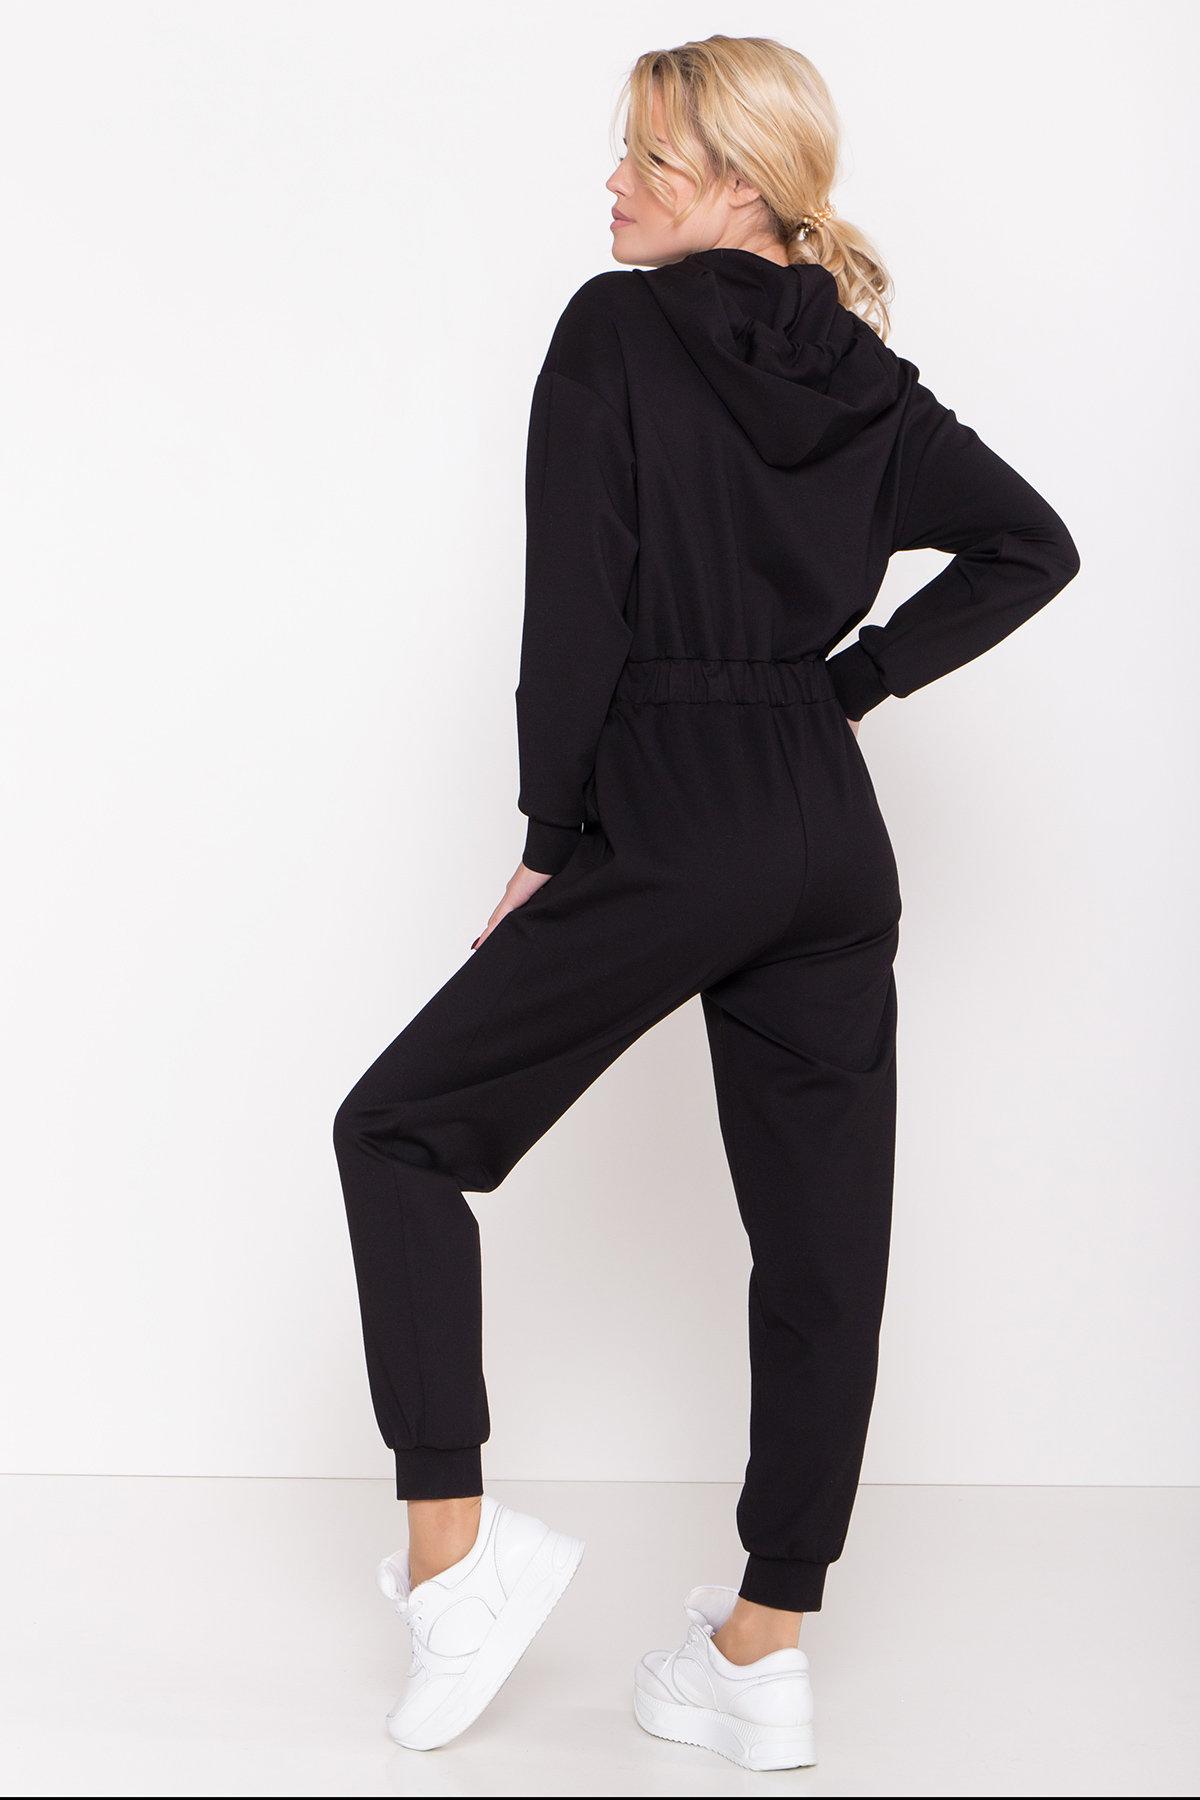 Трикотажный костюм с капюшоном Толедо 8463 АРТ. 44877 Цвет: Черный - фото 3, интернет магазин tm-modus.ru